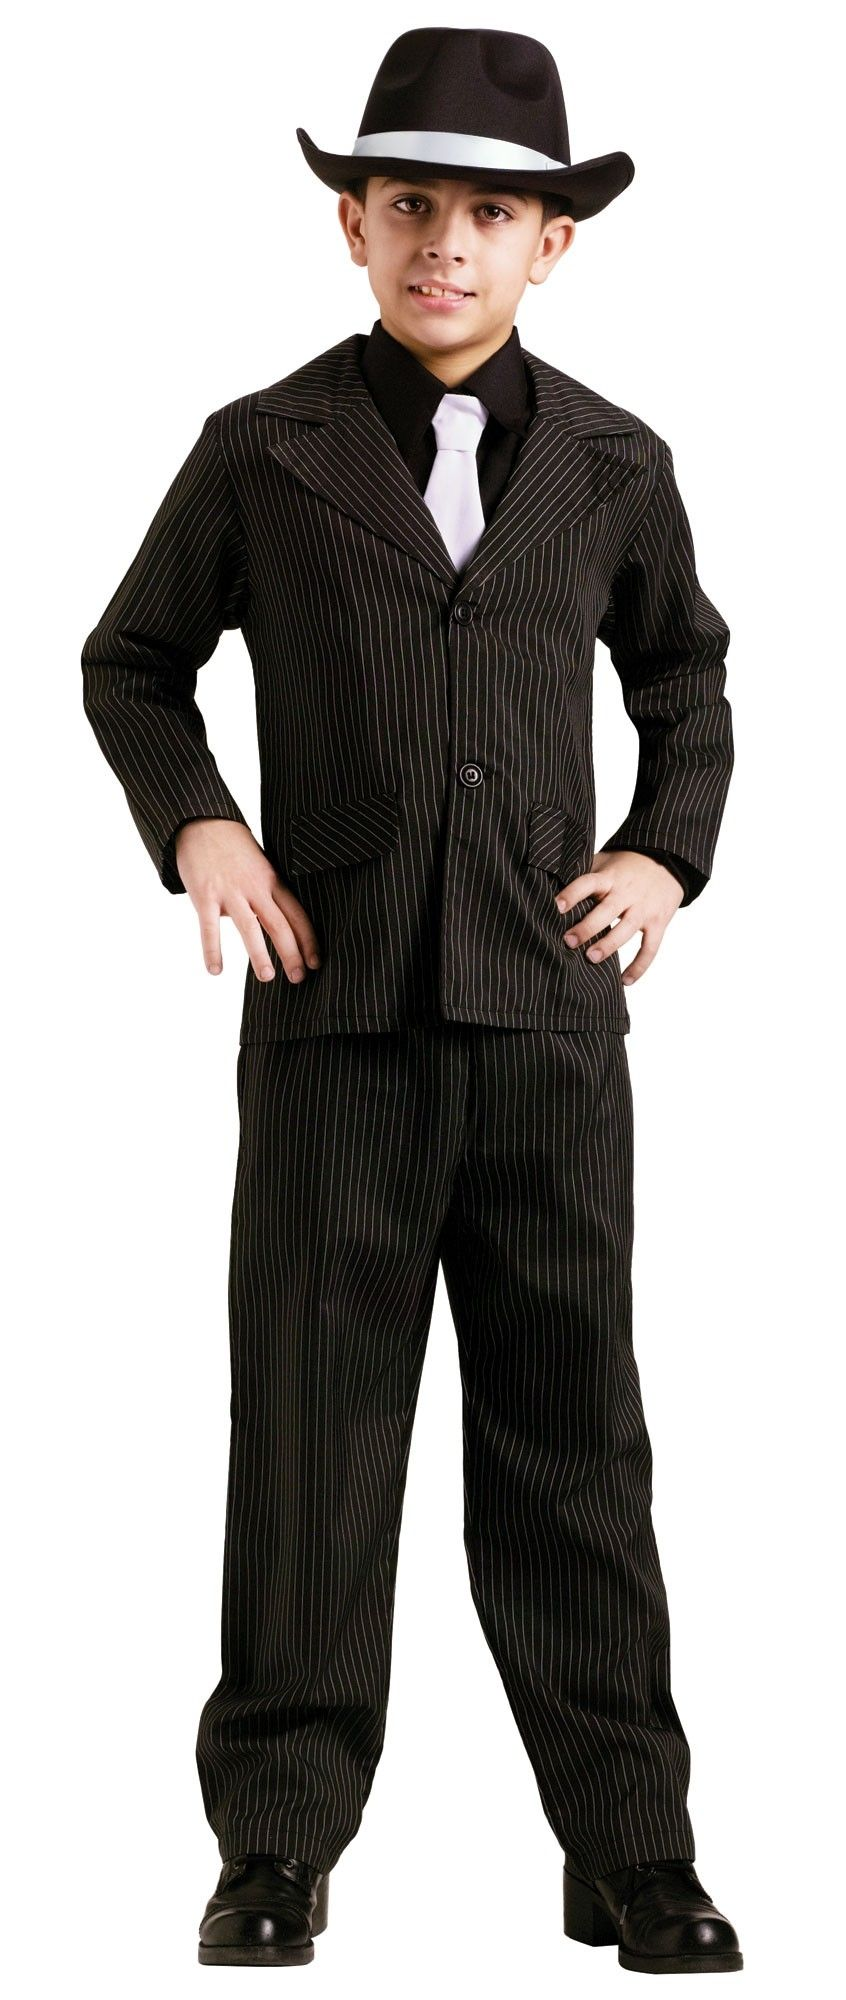 Детский костюм грозного гангстера (34) - Ретро, р.34